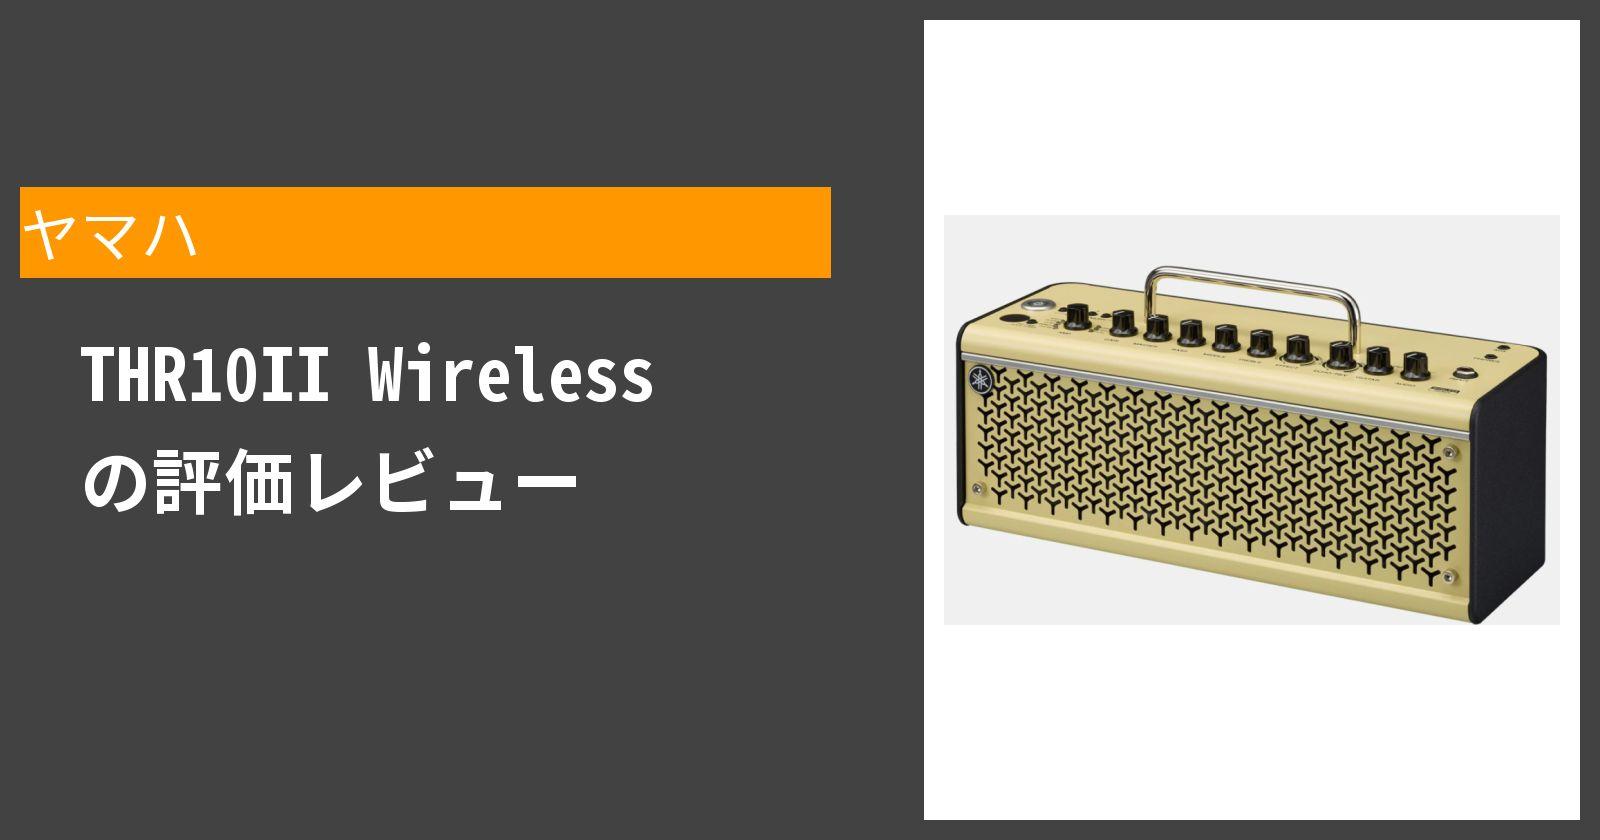 THR10II Wirelessを徹底評価